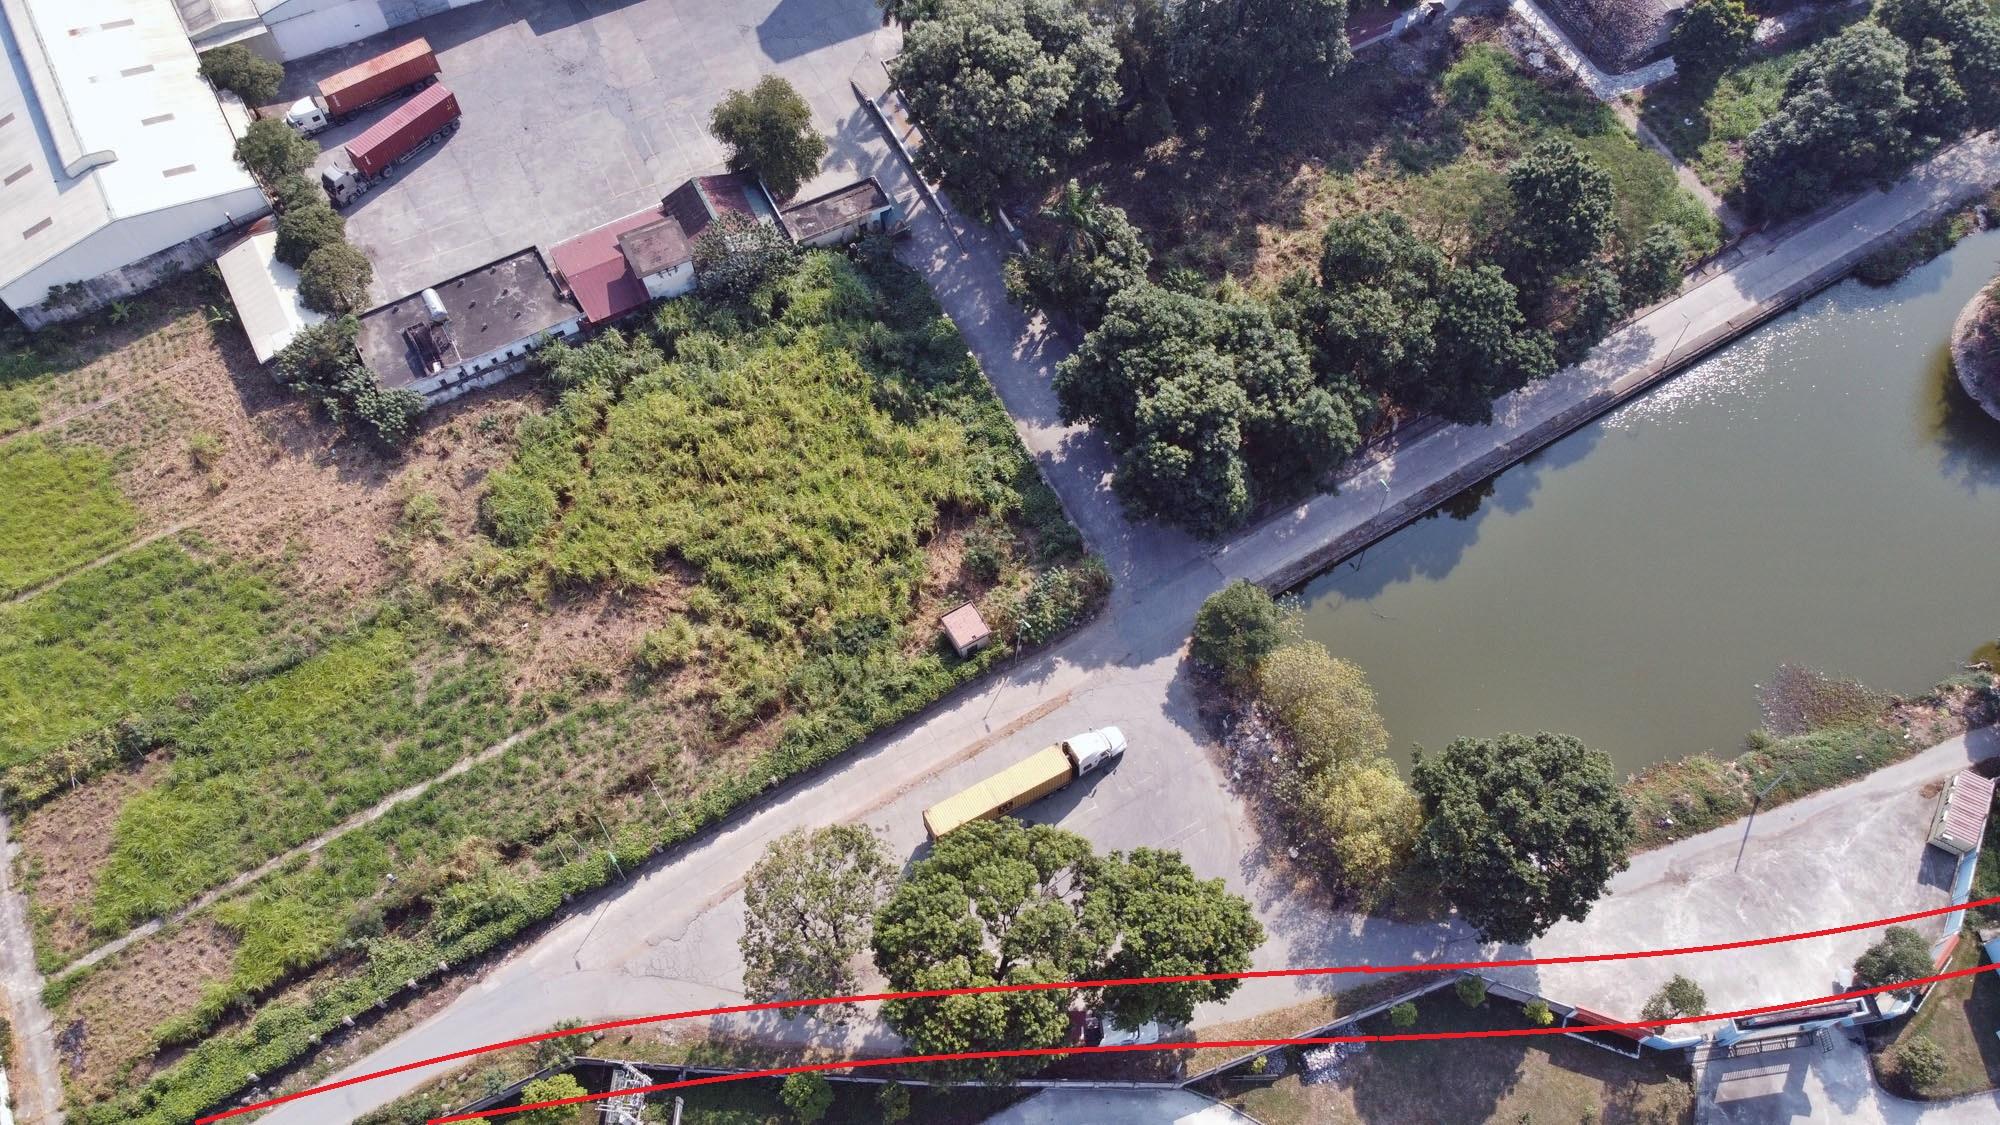 Ba đường sẽ mở theo quy hoạch ở phường Thụy Phương, Bắc Từ Liêm, Hà Nội (phần 3) - Ảnh 4.